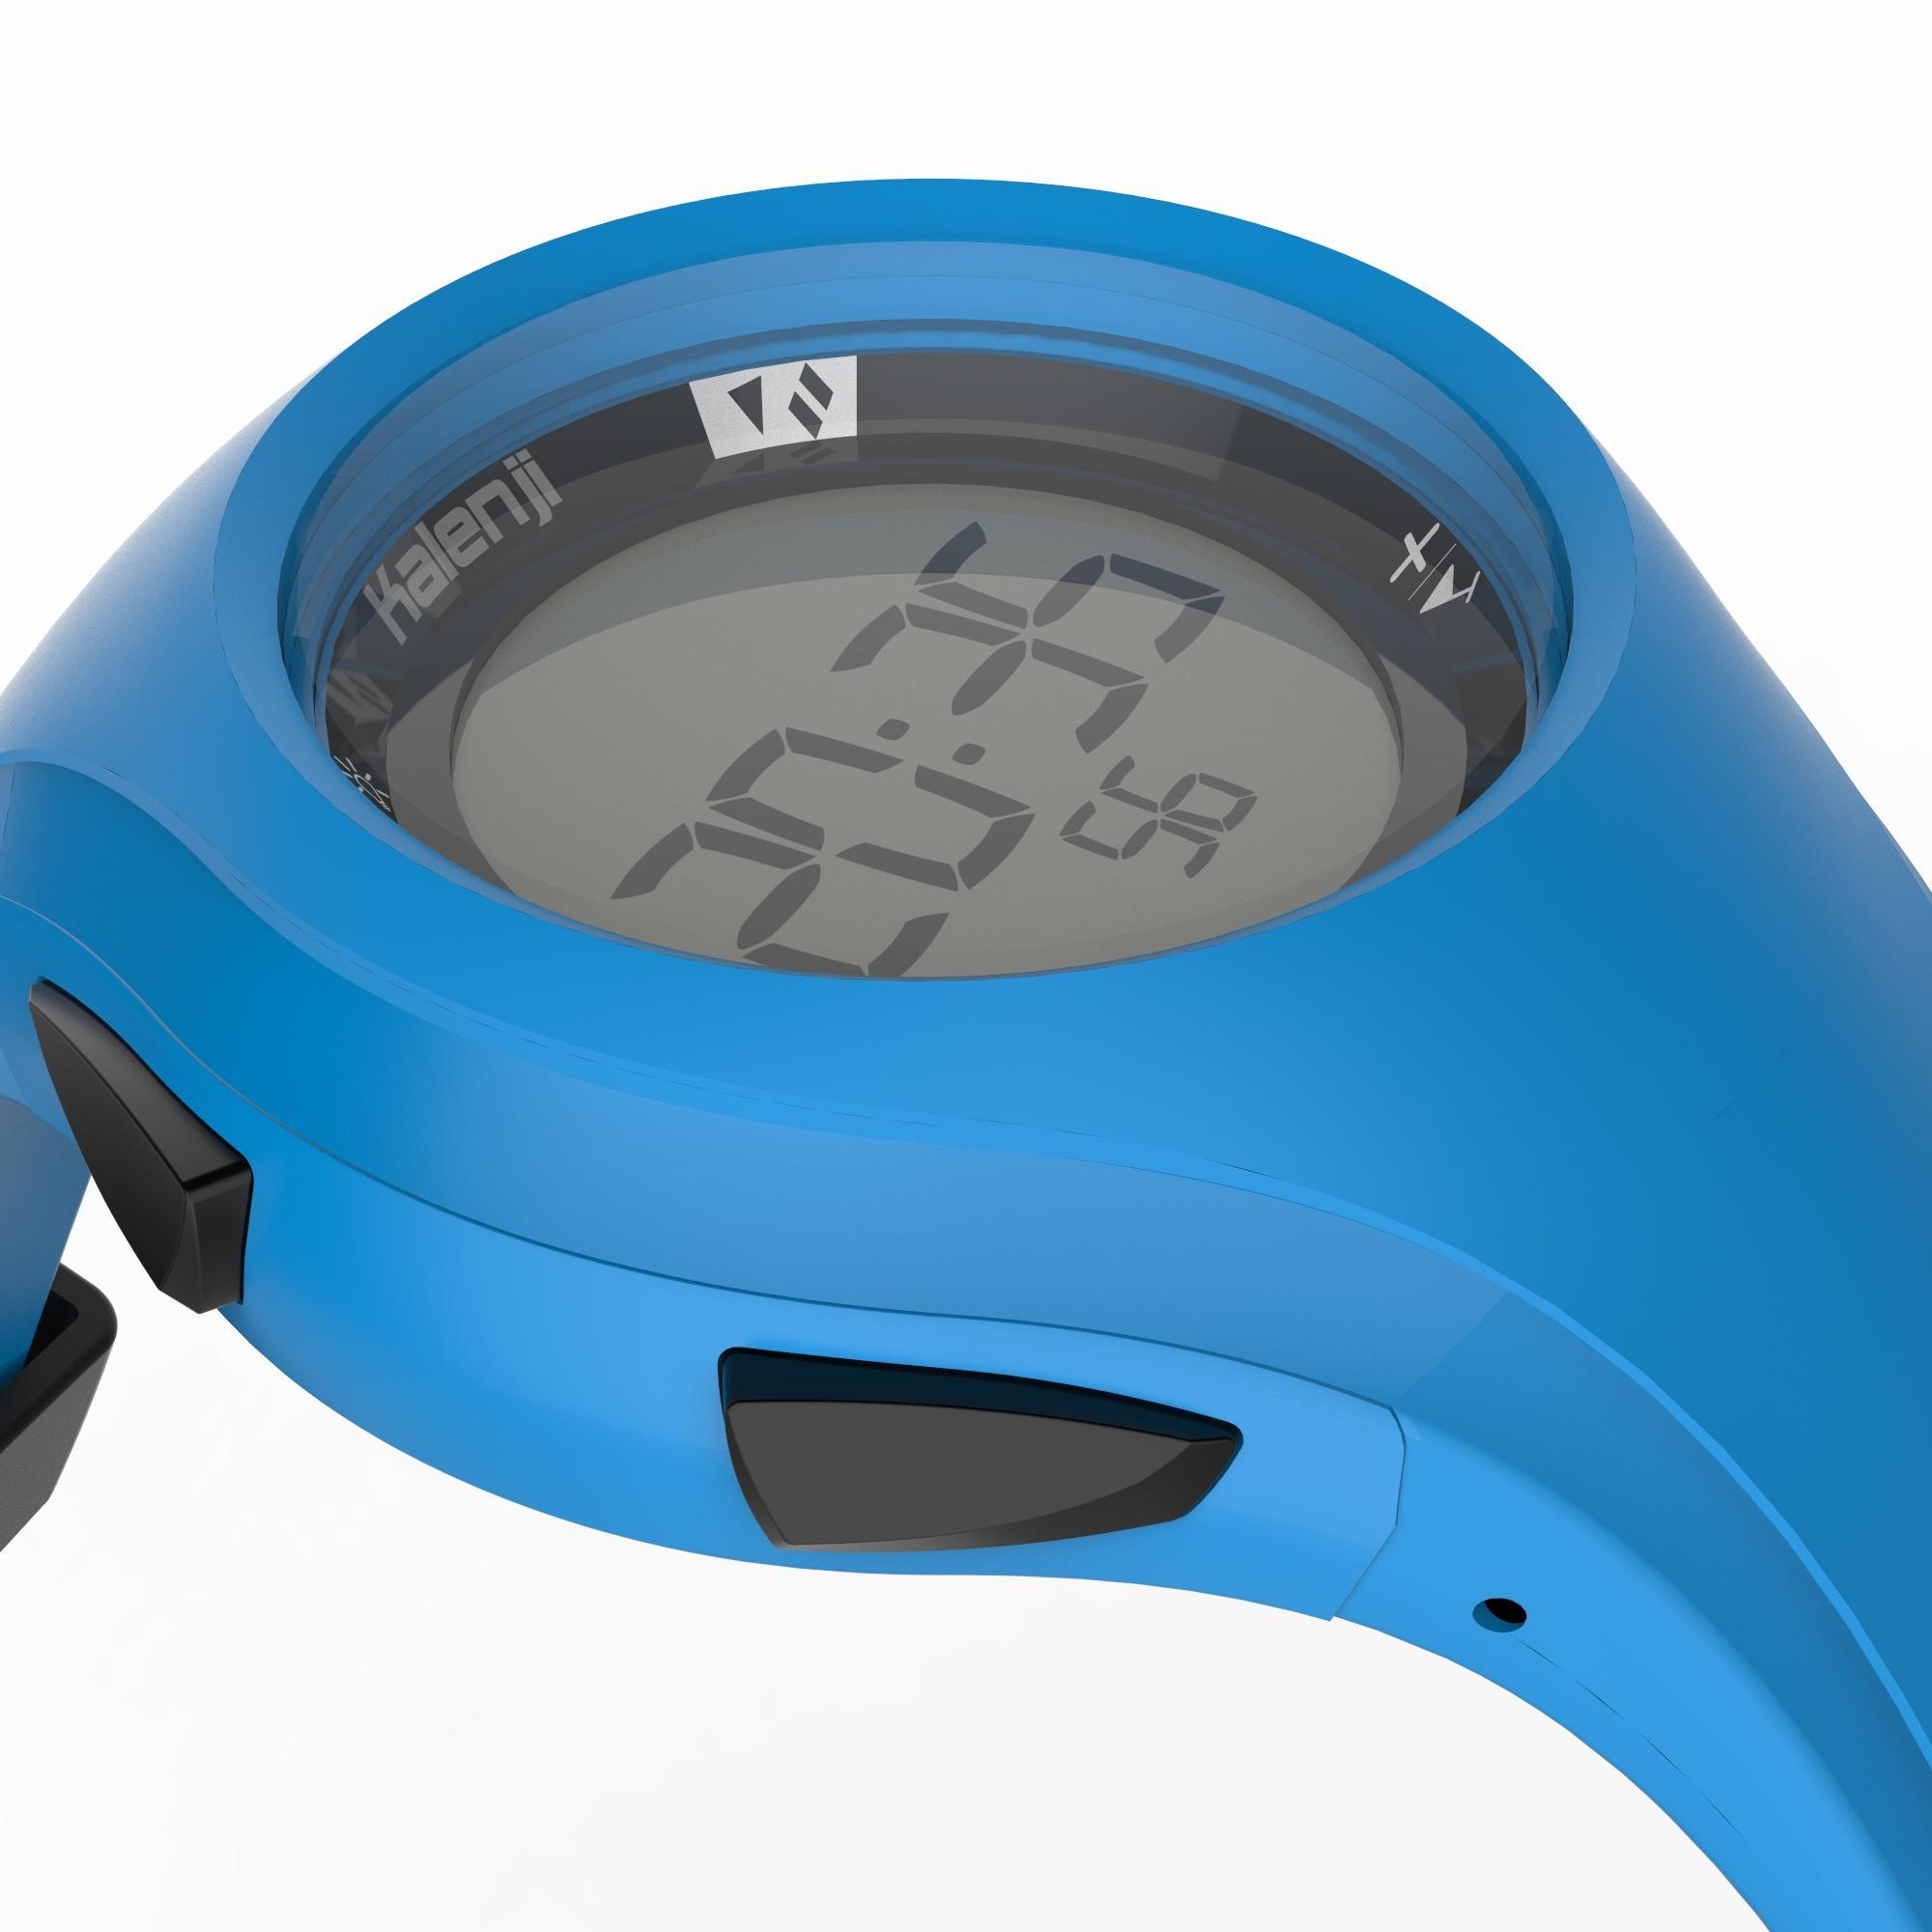 zapatos deportivos bb1e9 cc21f Reloj digital deportivo para hombre W200 M temporizador azul